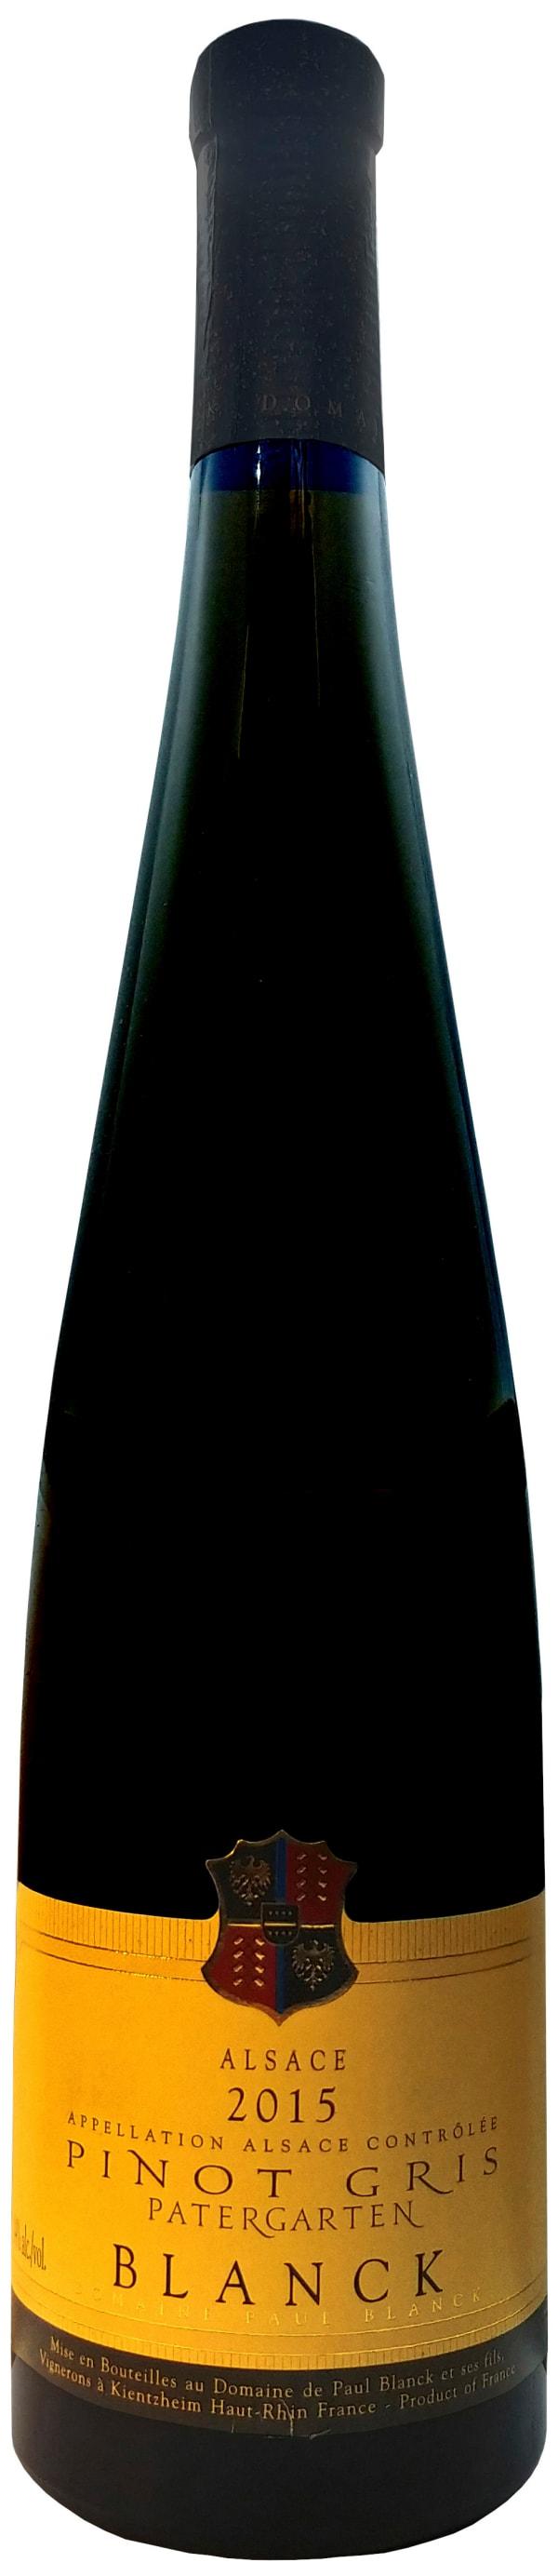 Paul Blanck Pinot Gris Patergarten 2016